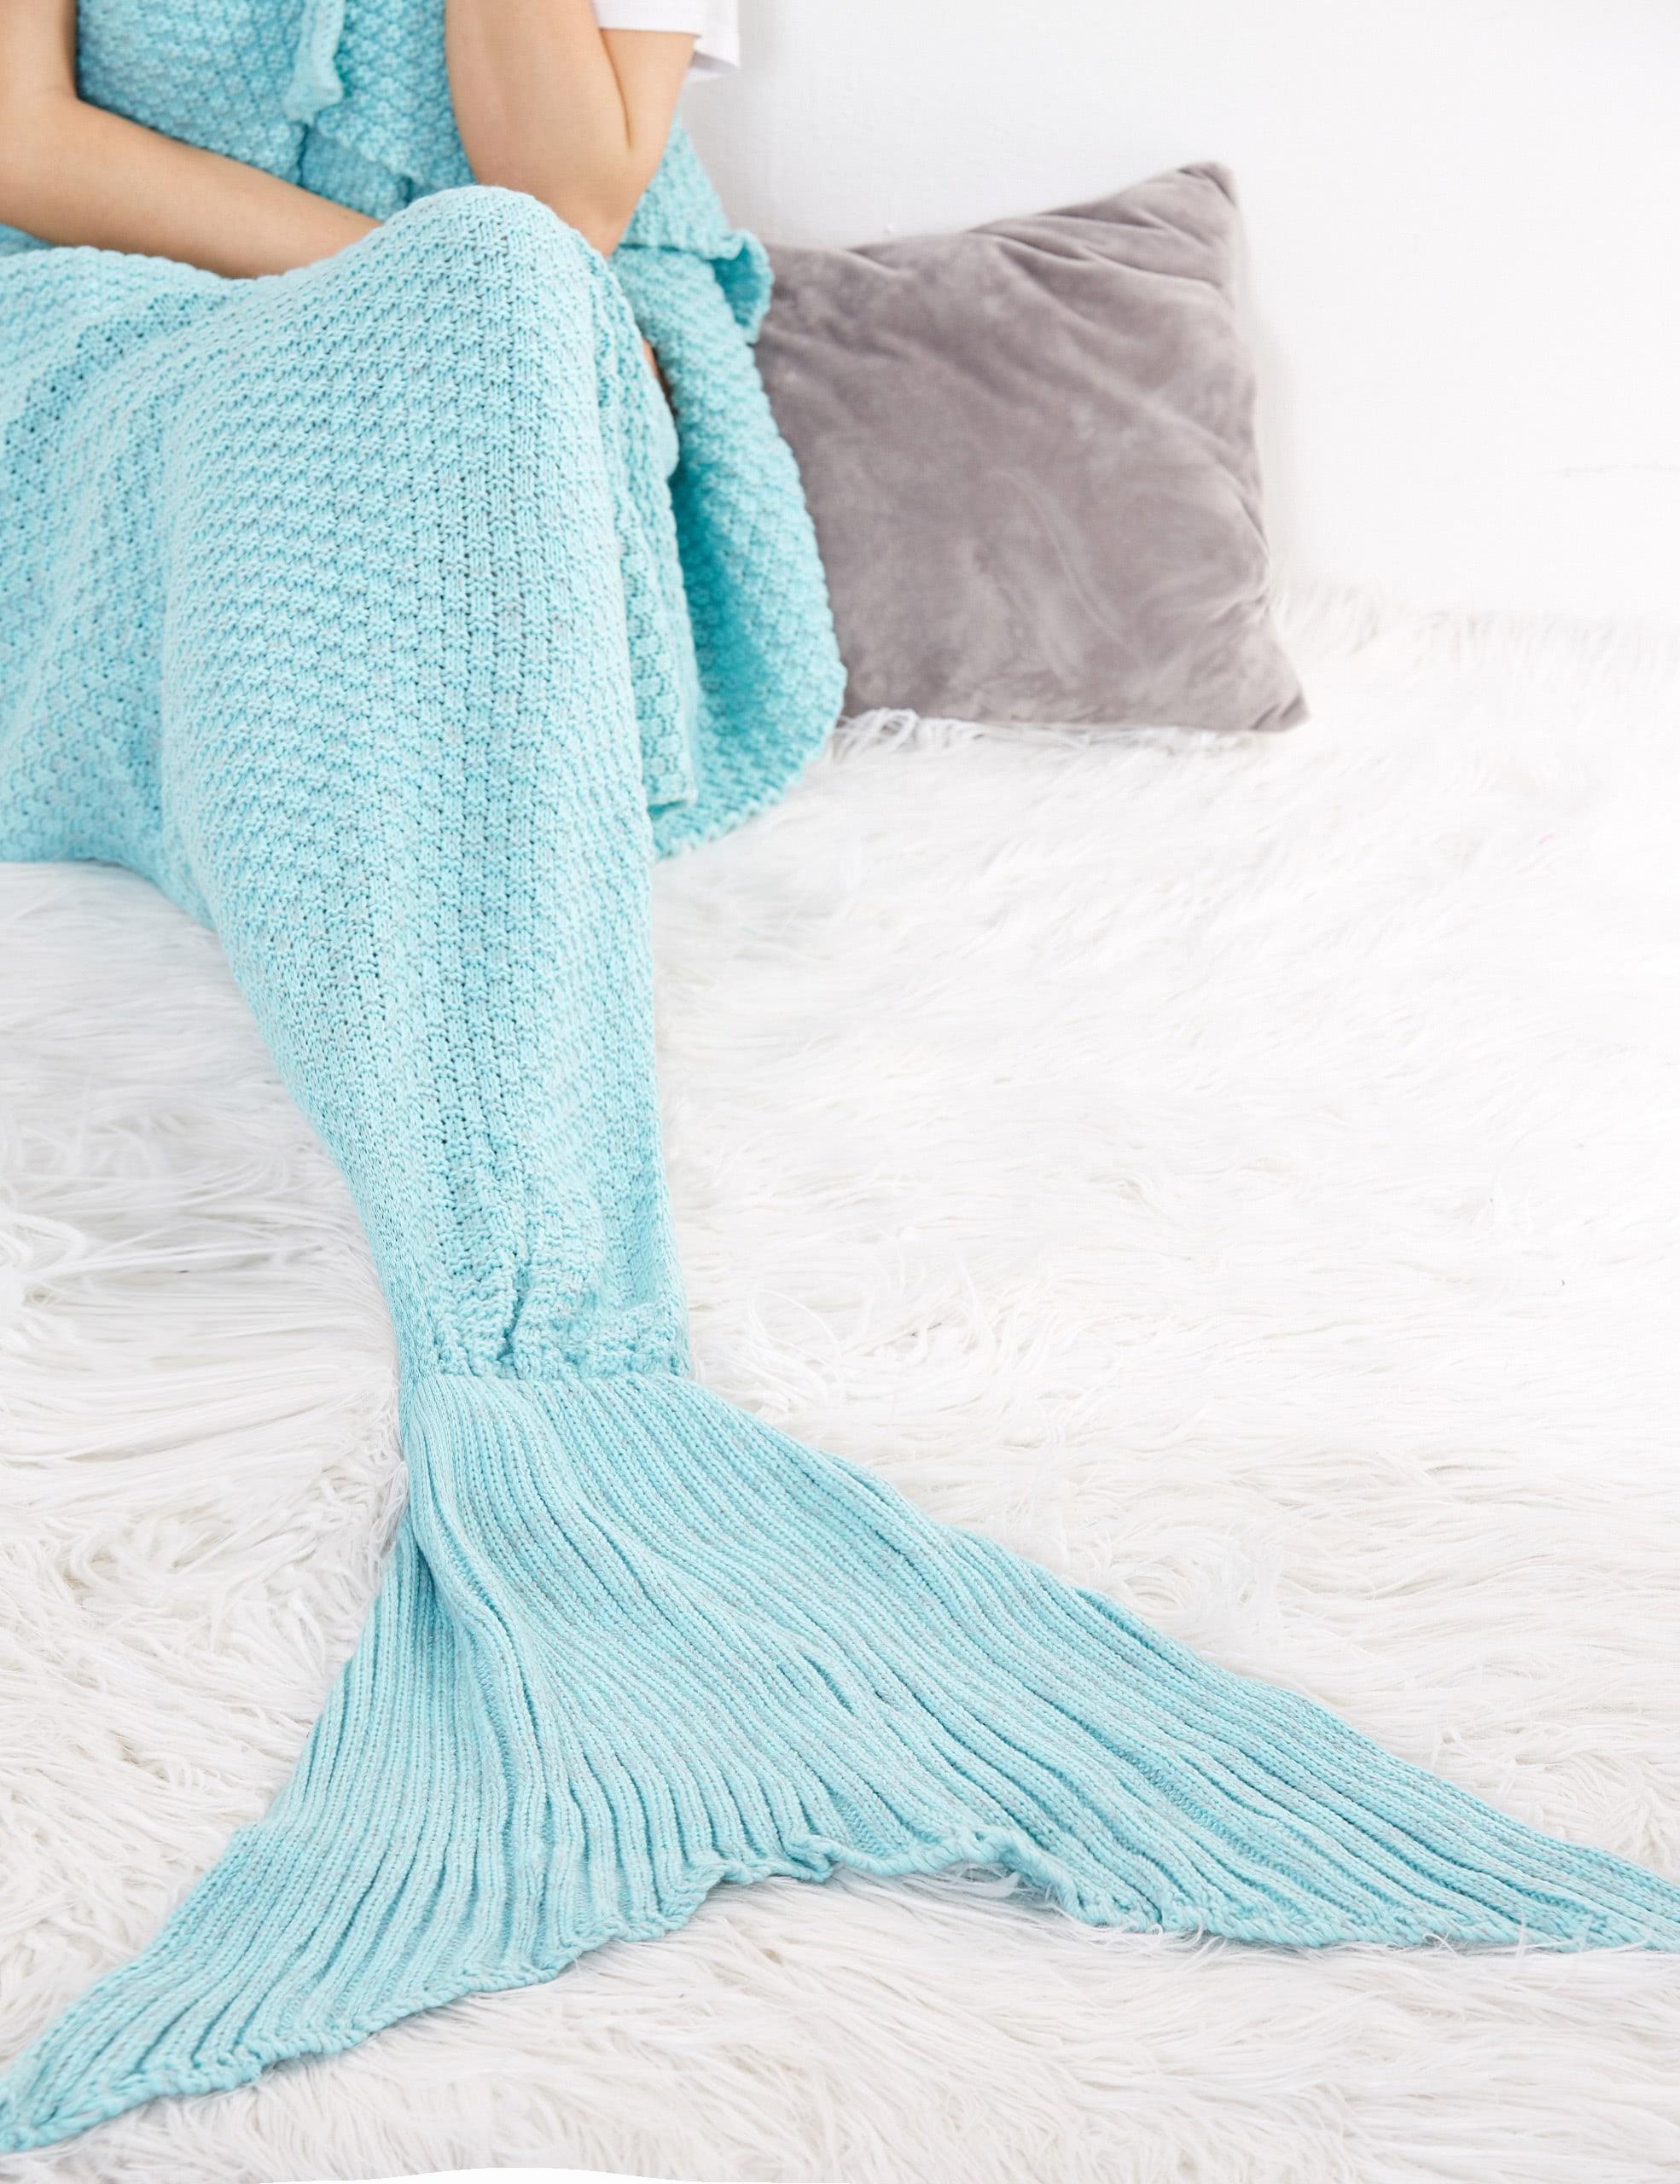 blanket161031301_2